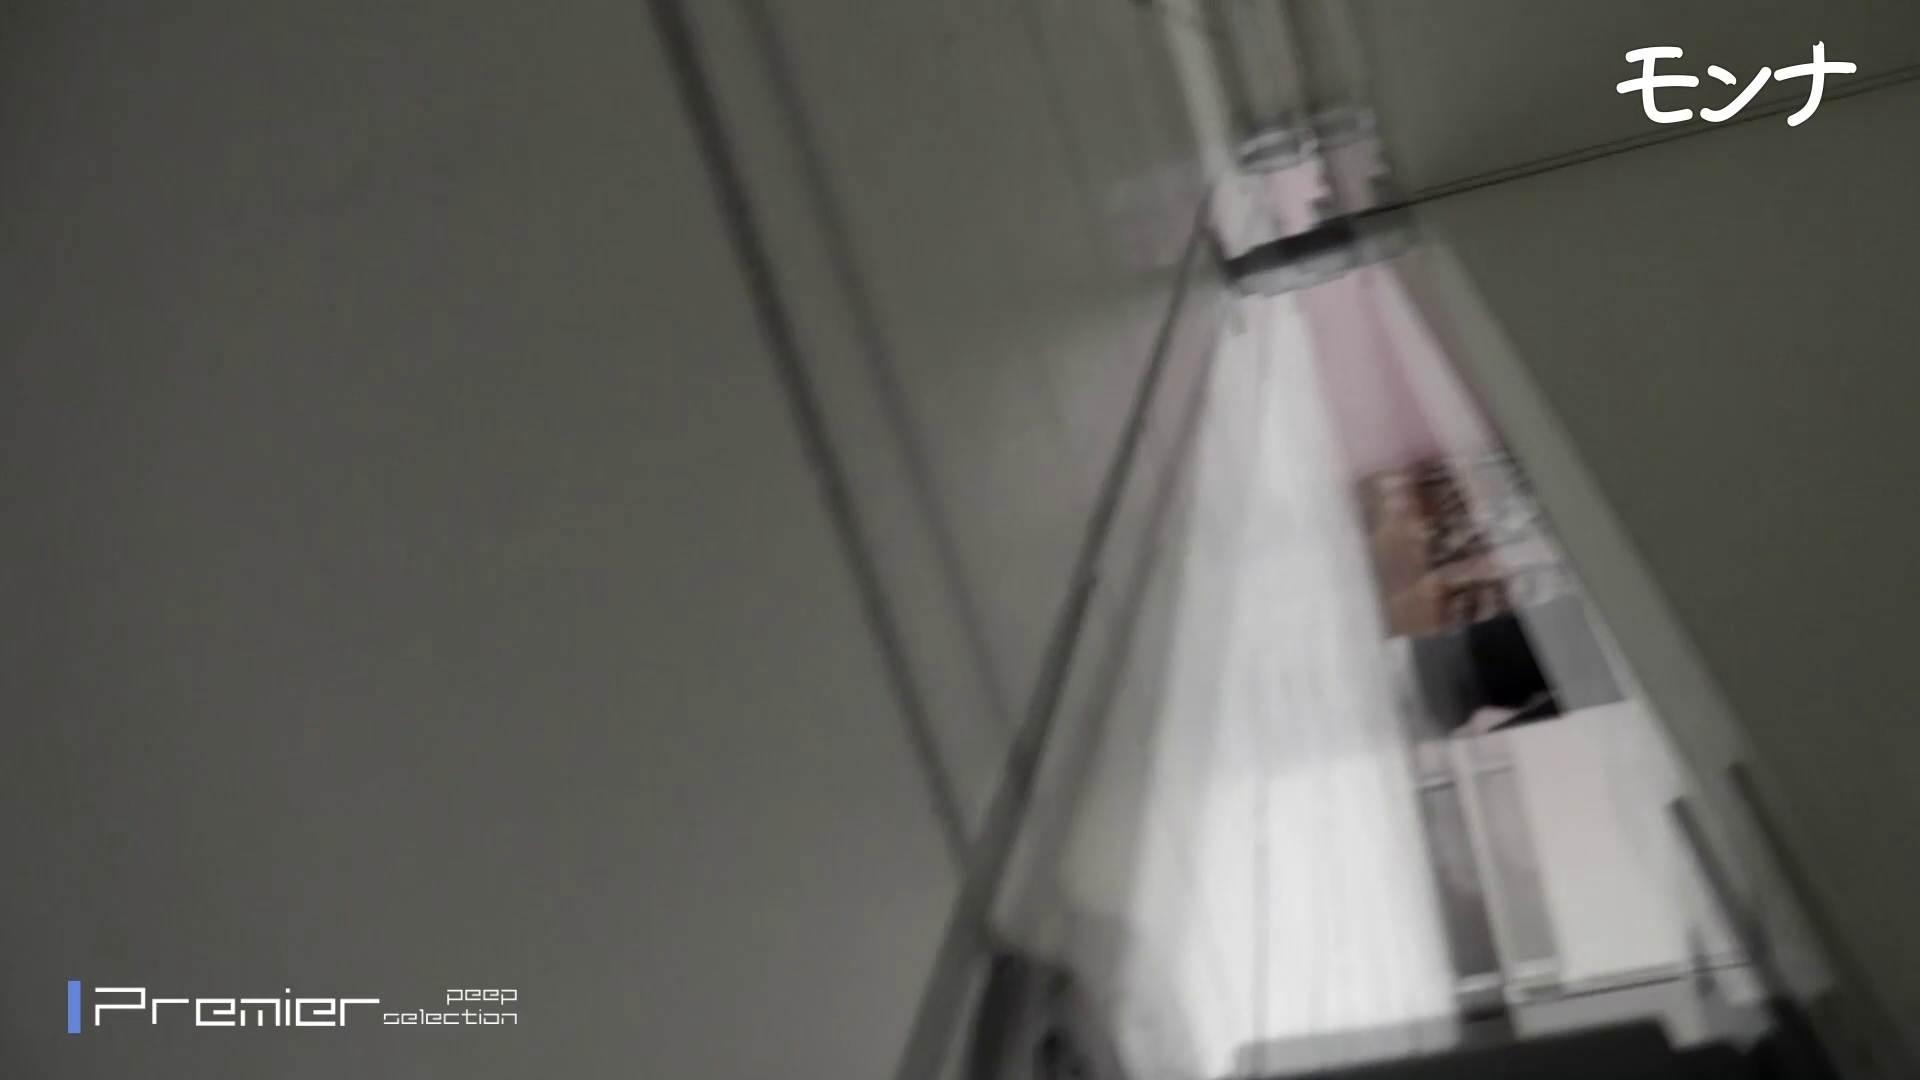 美しい日本の未来 No.83身近によく見かける、普通の女の子を集めてみた 盗撮 | ギャル盗撮映像  80PIX 65